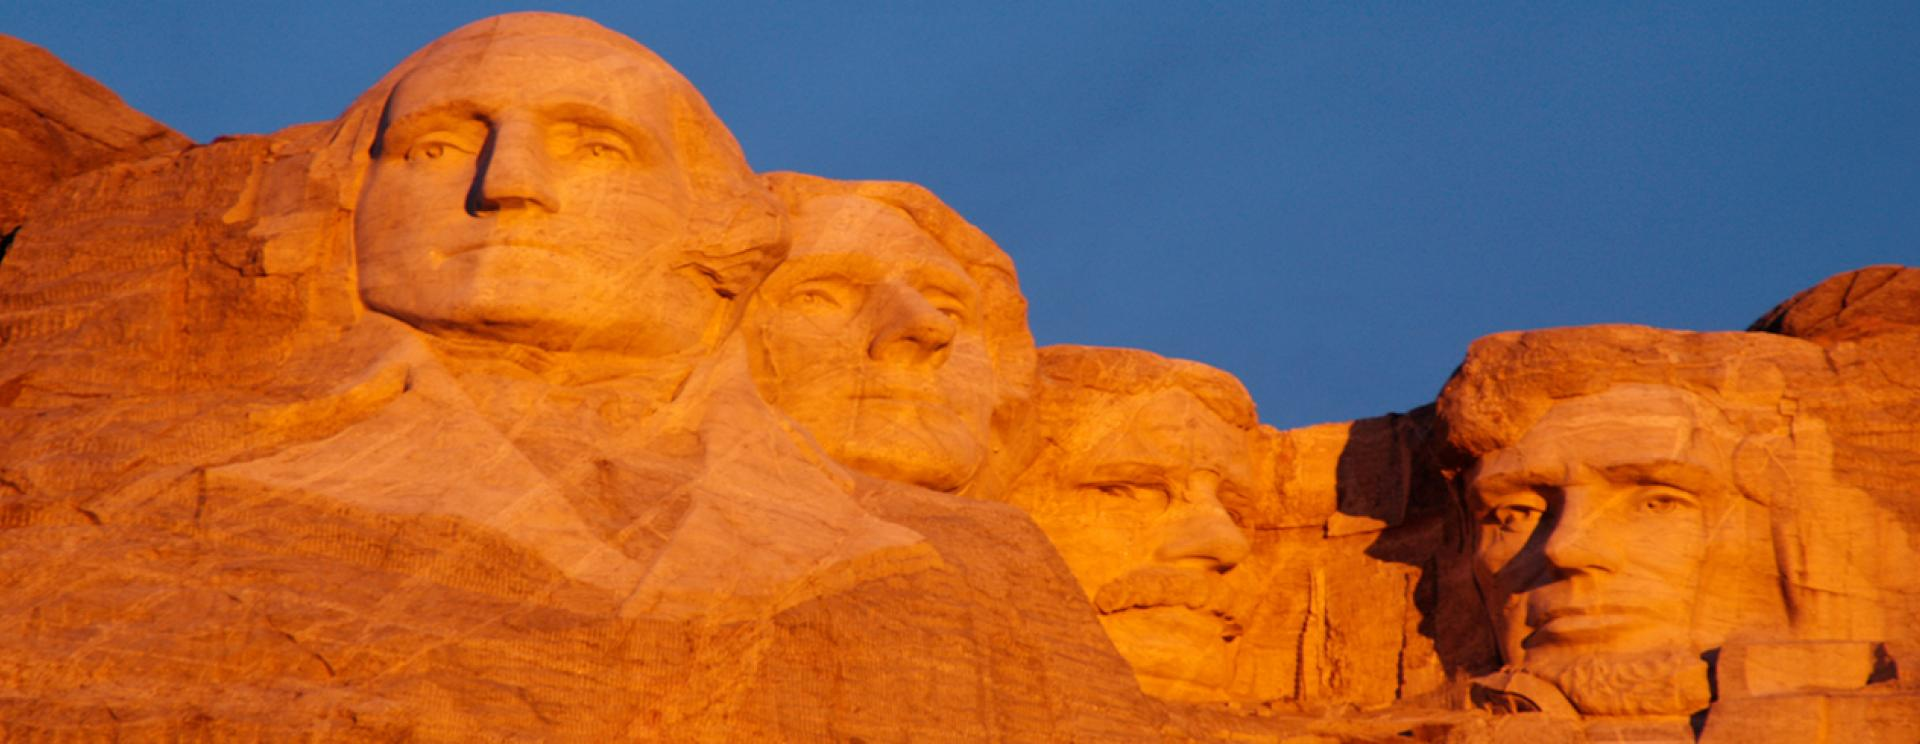 Parks Mount Rushmore National Memorial Black Hills